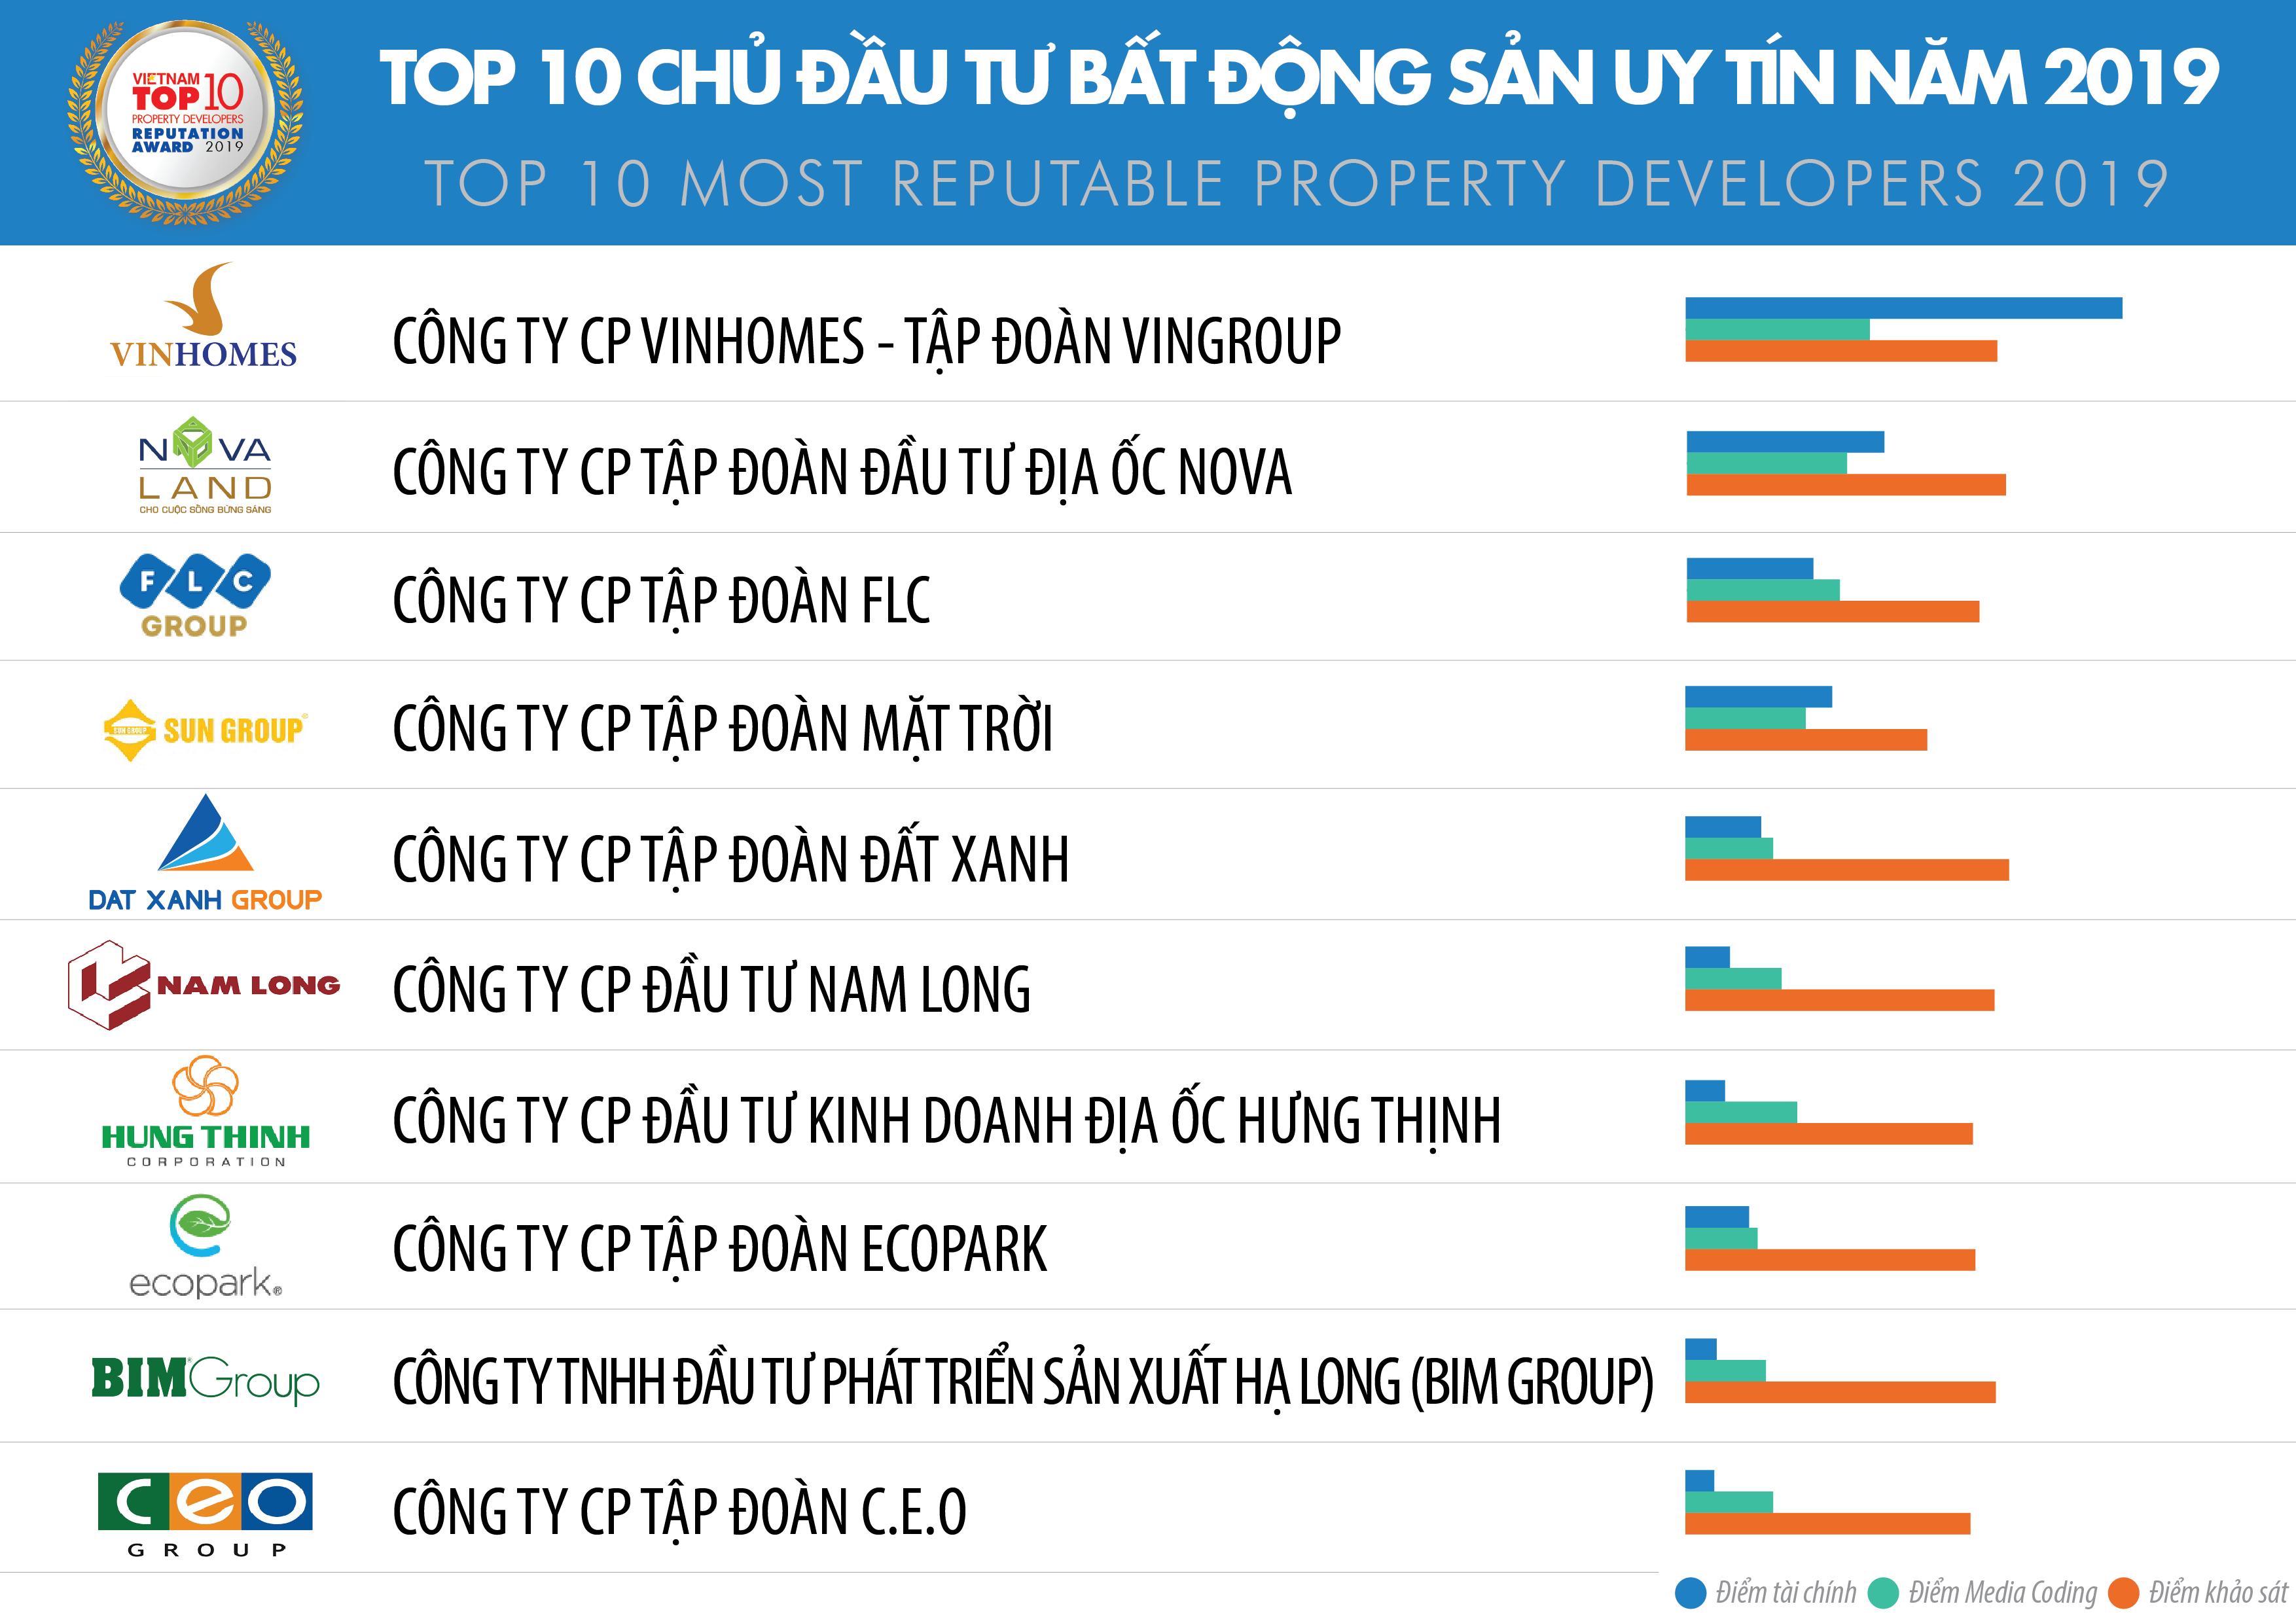 Top 10 chủ đầu tư bất động sản uy tín tại Việt Nam